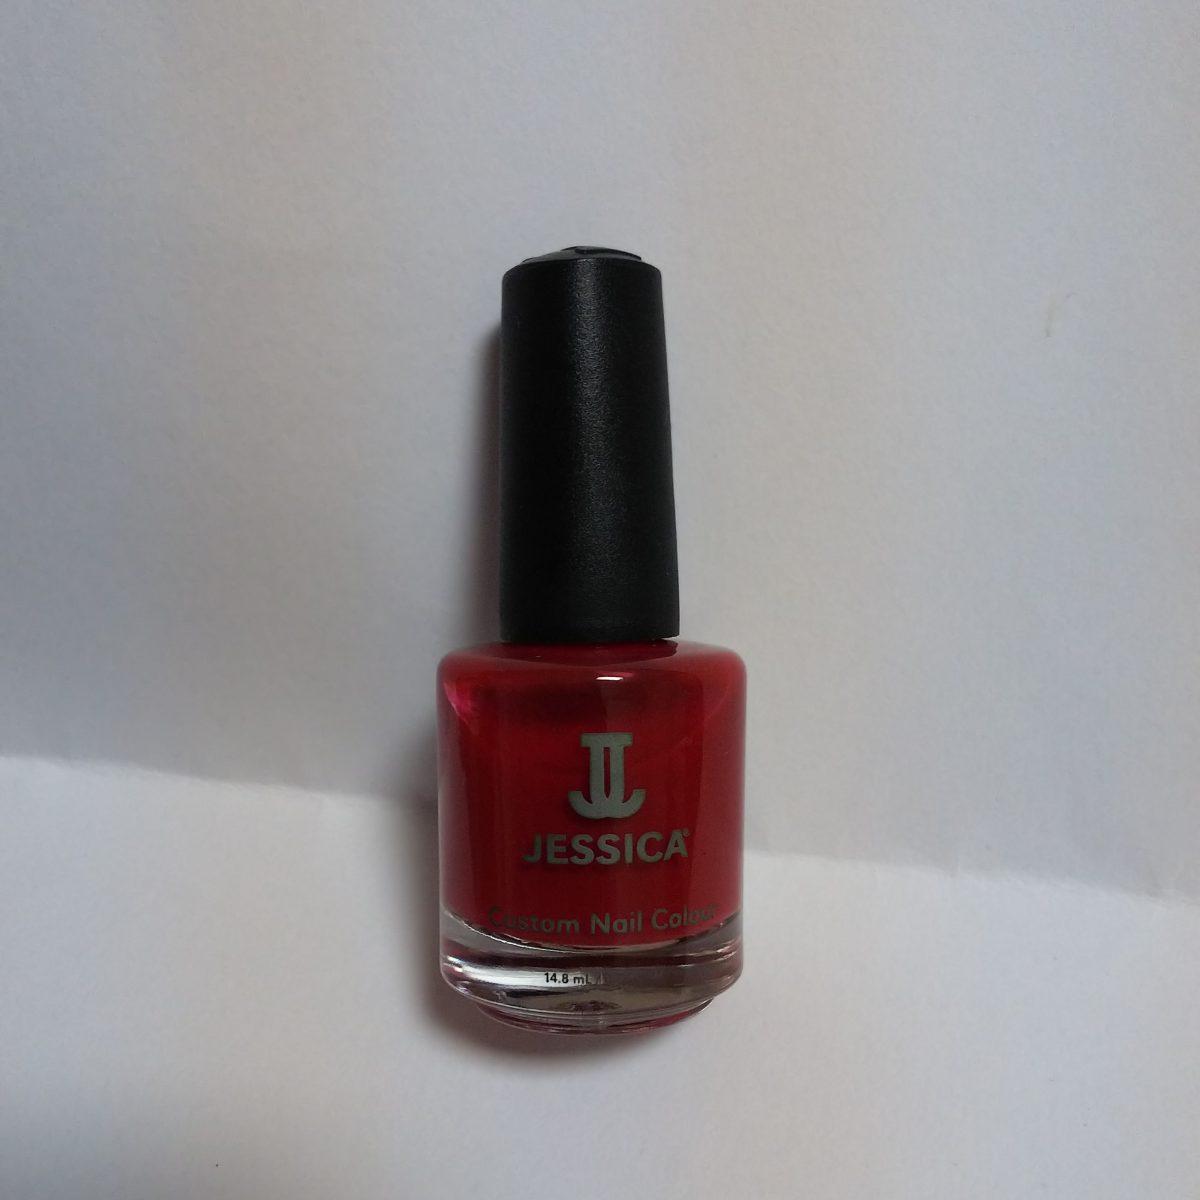 久々の赤ポリッシュ!JESSICA Custom Nail Colour